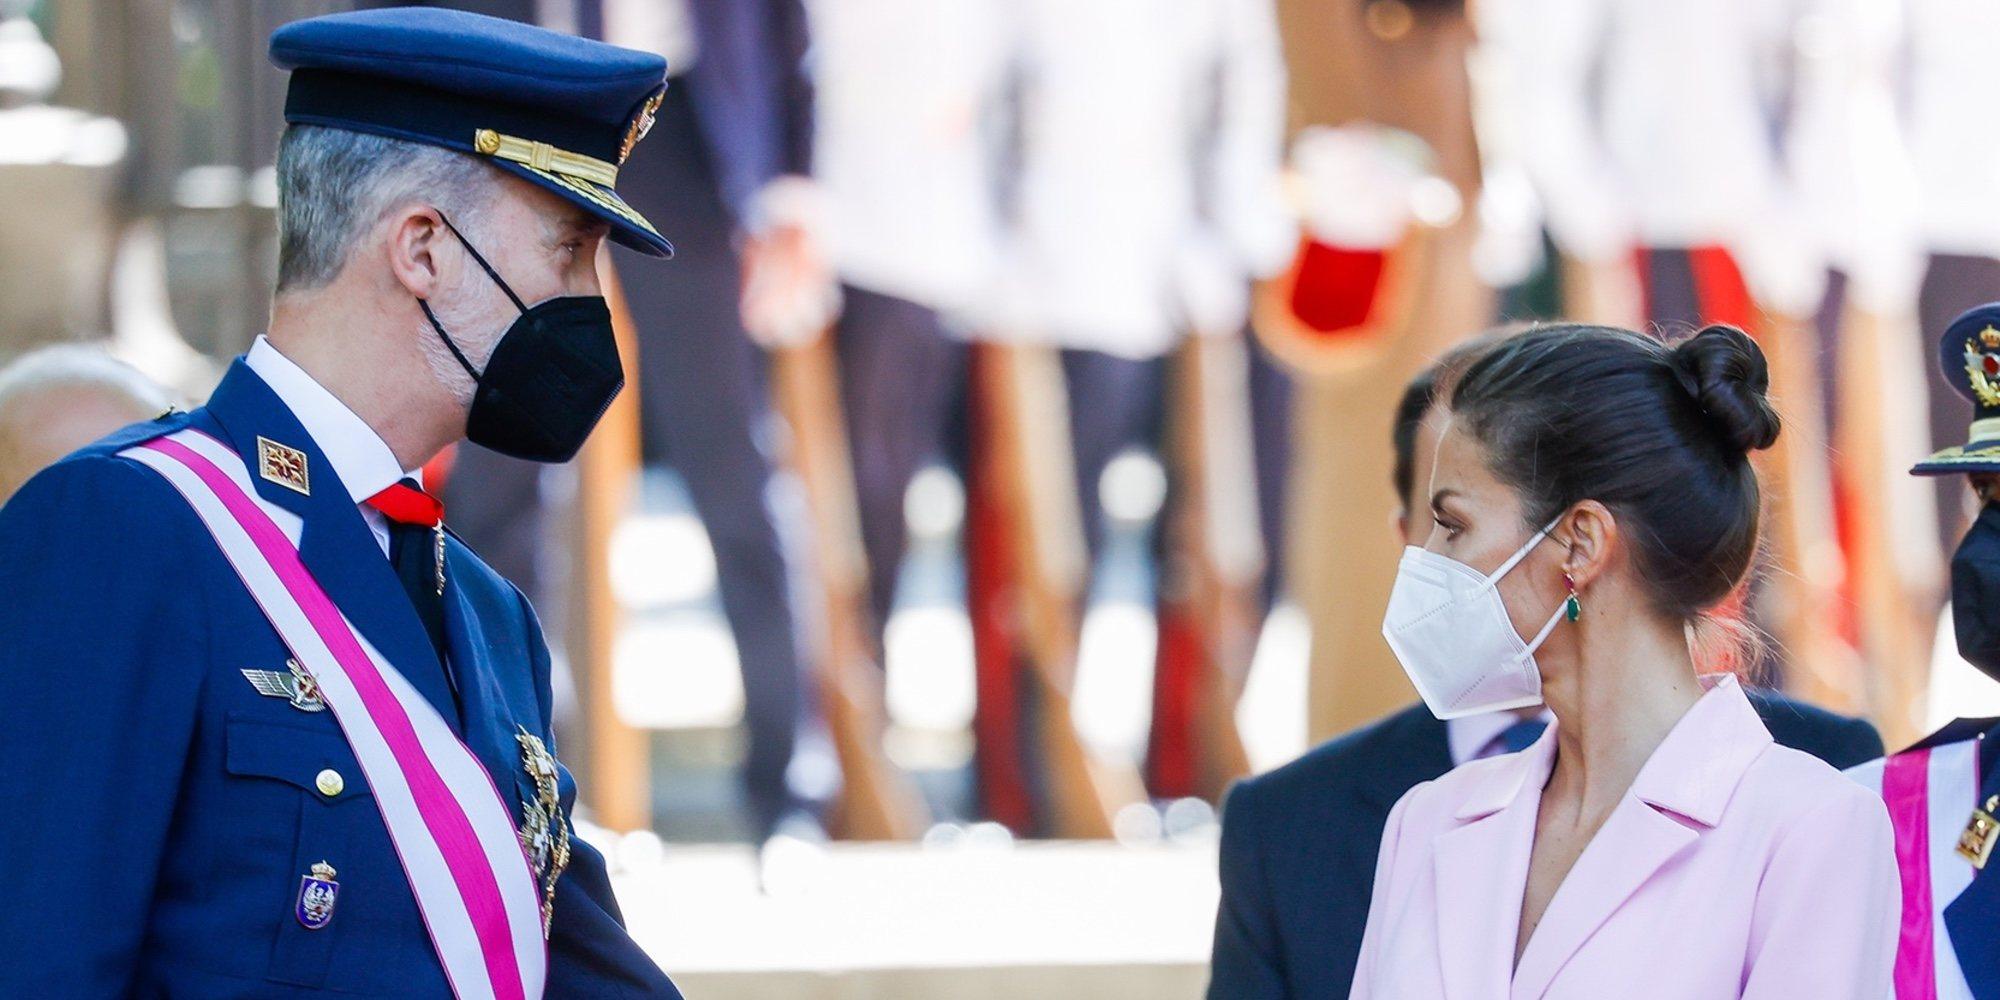 Los Reyes Felipe y Letizia celebran en Madrid el Día de las Fuerzas Armadas marcado por la sencillez